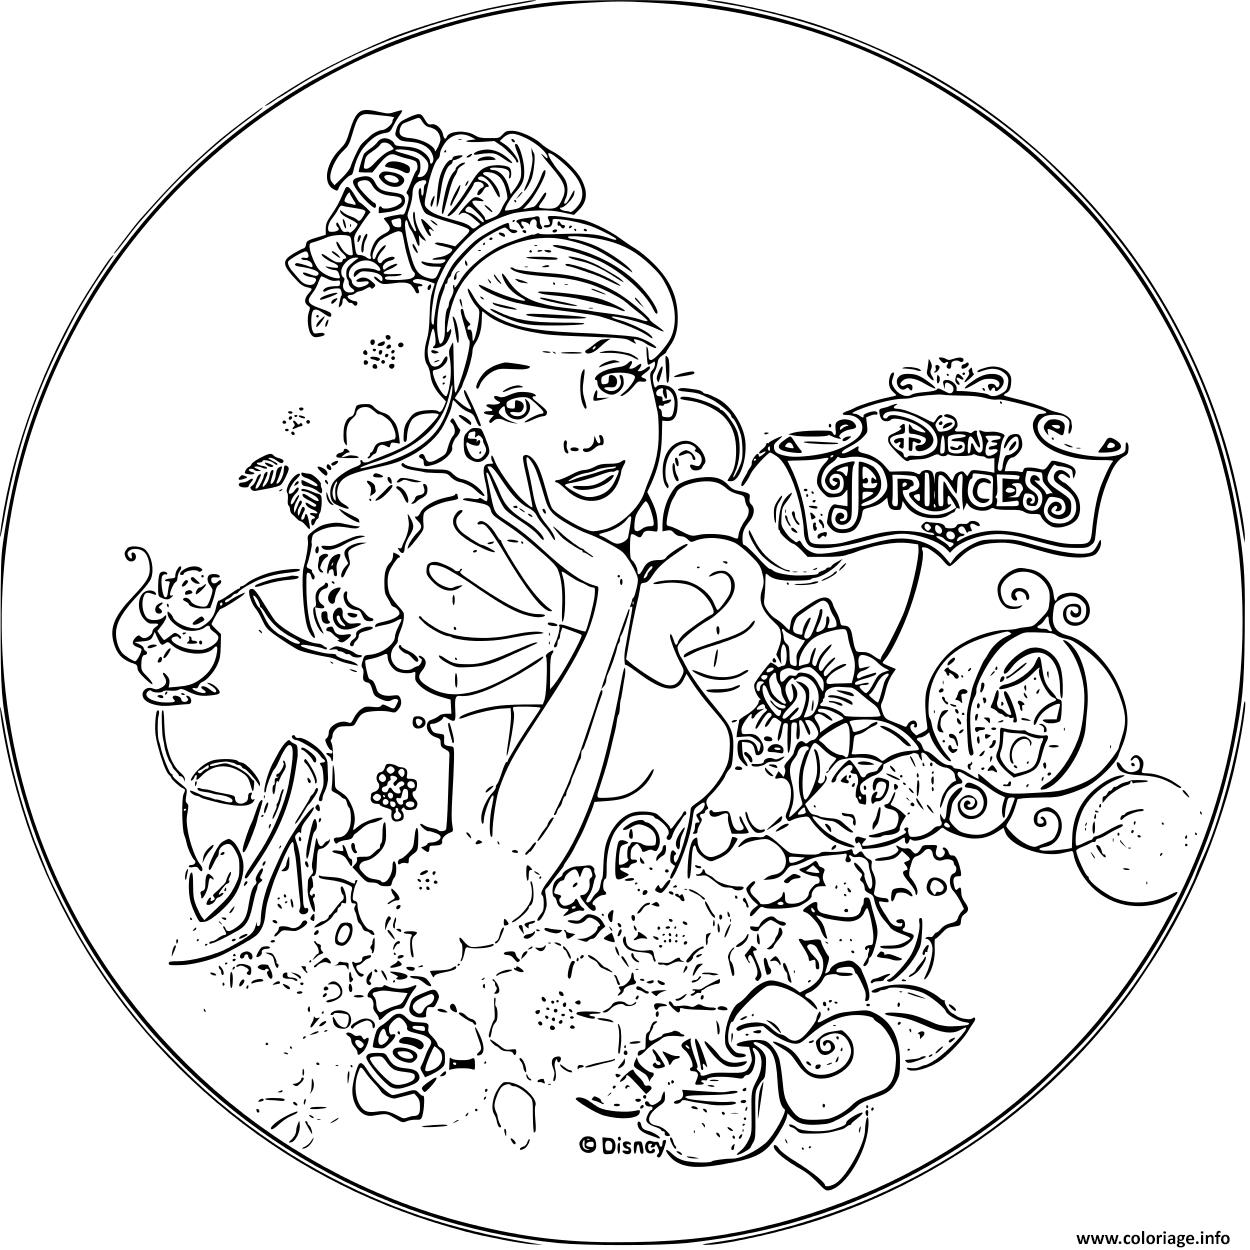 Coloriage Disney Princesse Cendrillon 1950 Dessin serapportantà Cendrillon Dessin A Imprimer